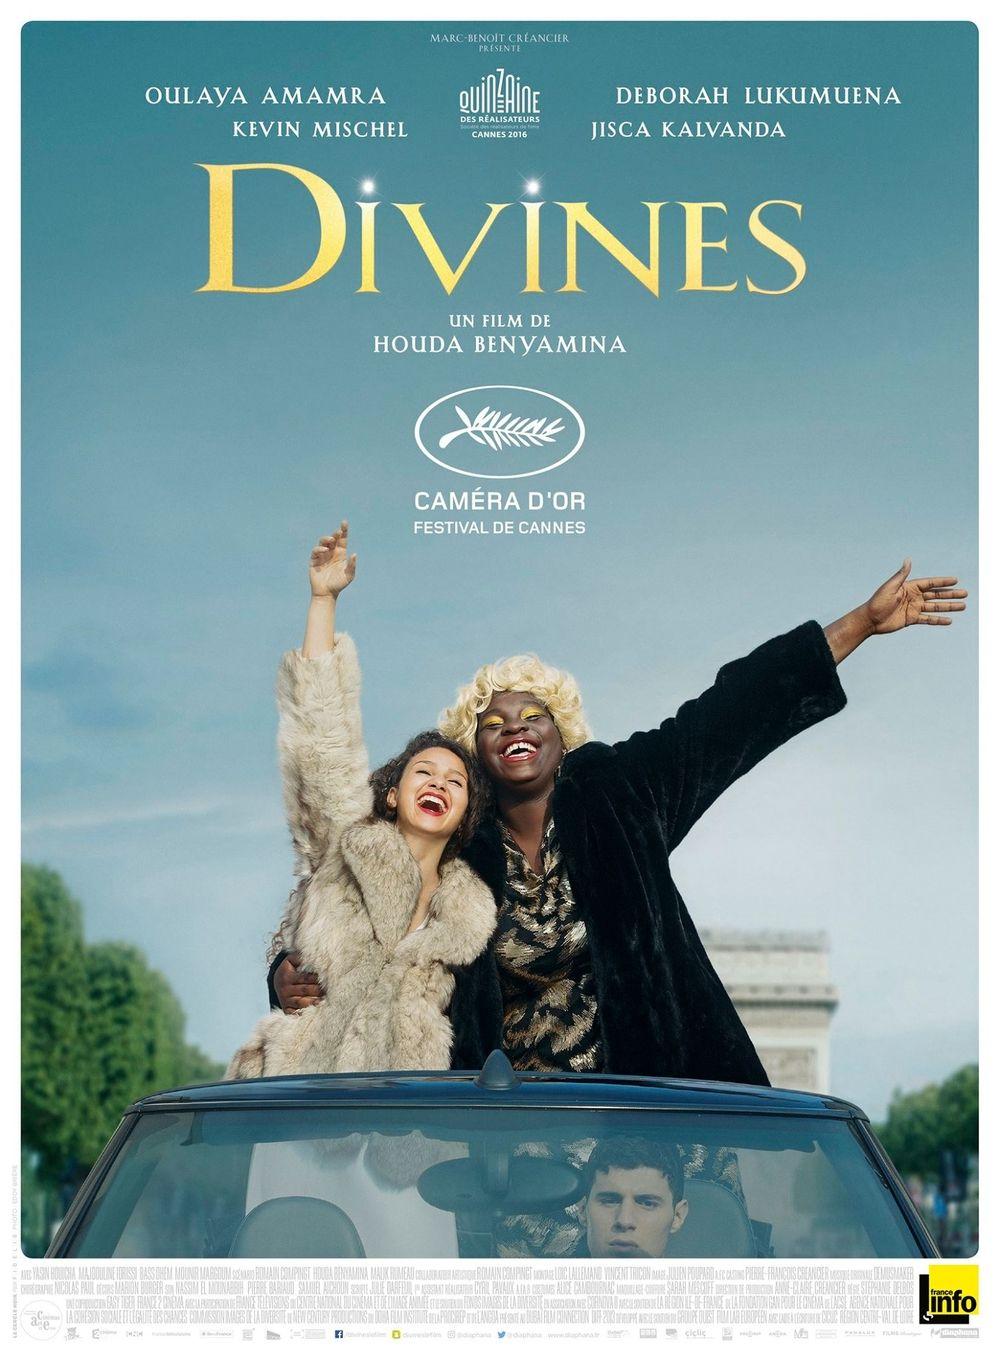 Image result for divines film